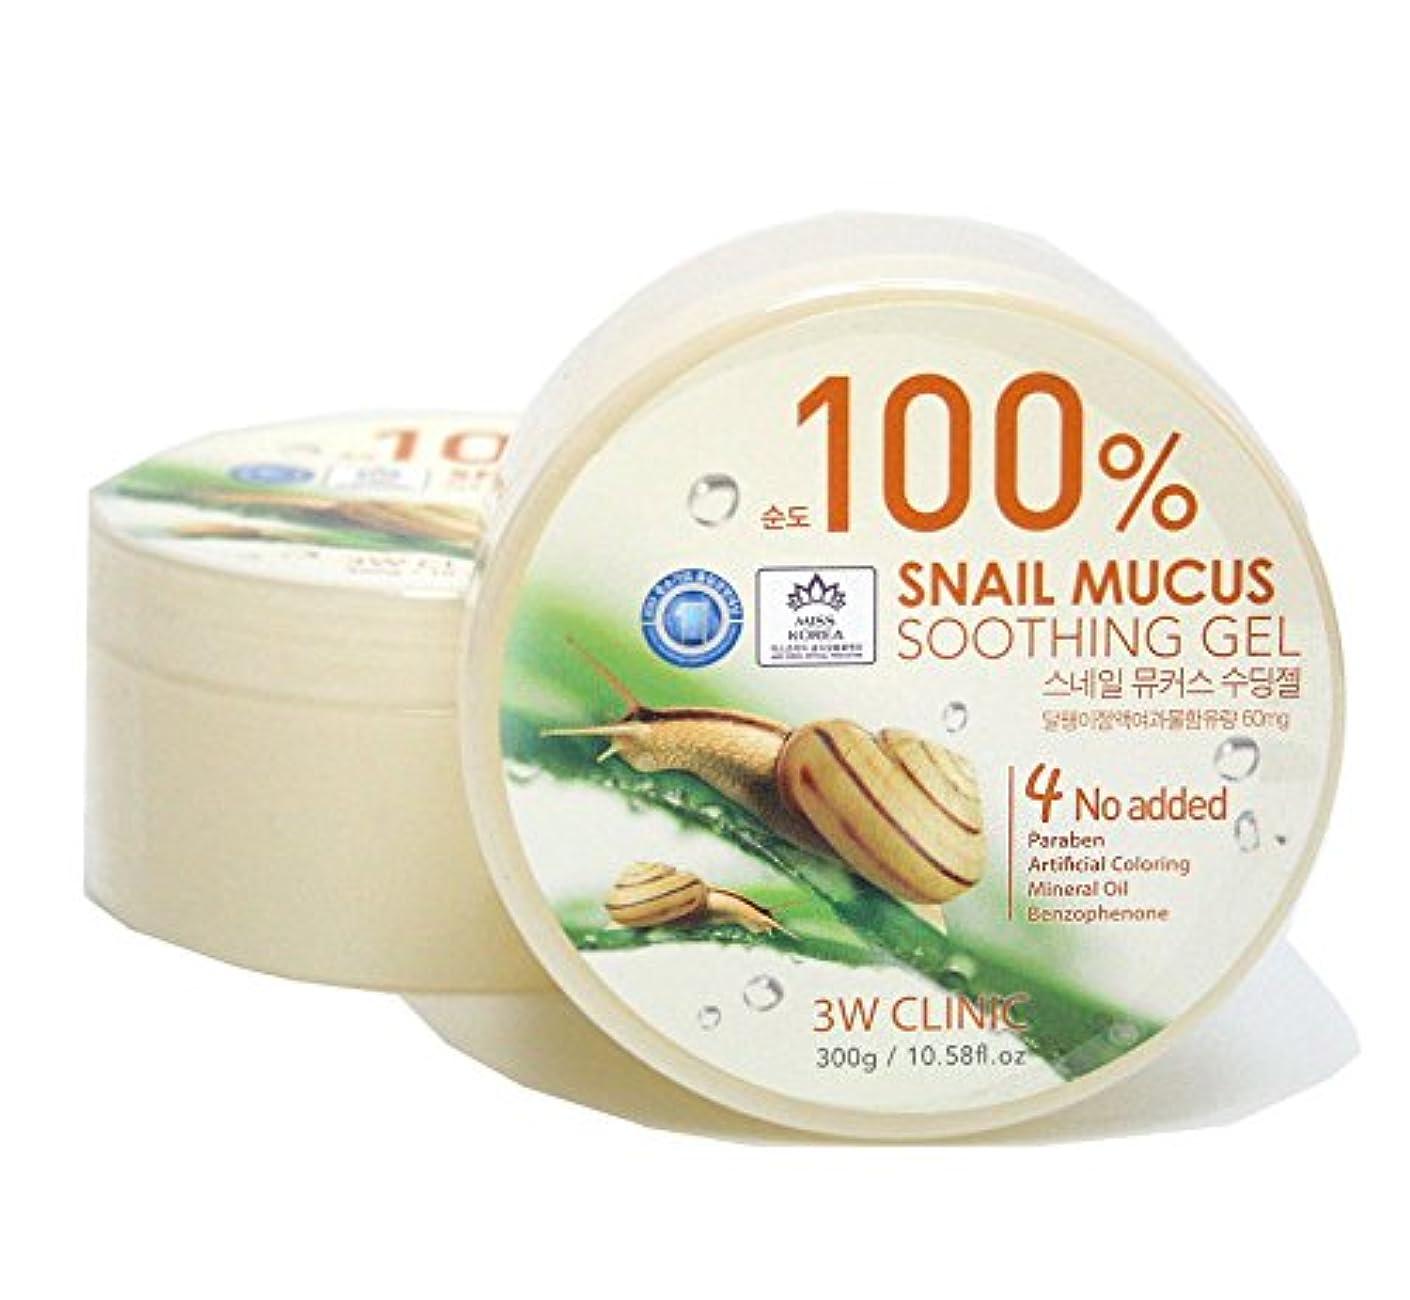 加害者代表するコンサルタント[3W CLINIC] カタツムリ粘液スージングジェル300g / Snail Mucus Soothing Gel 300g / 水分/オールスキンタイプ / Moisture / fresh and smooth /...